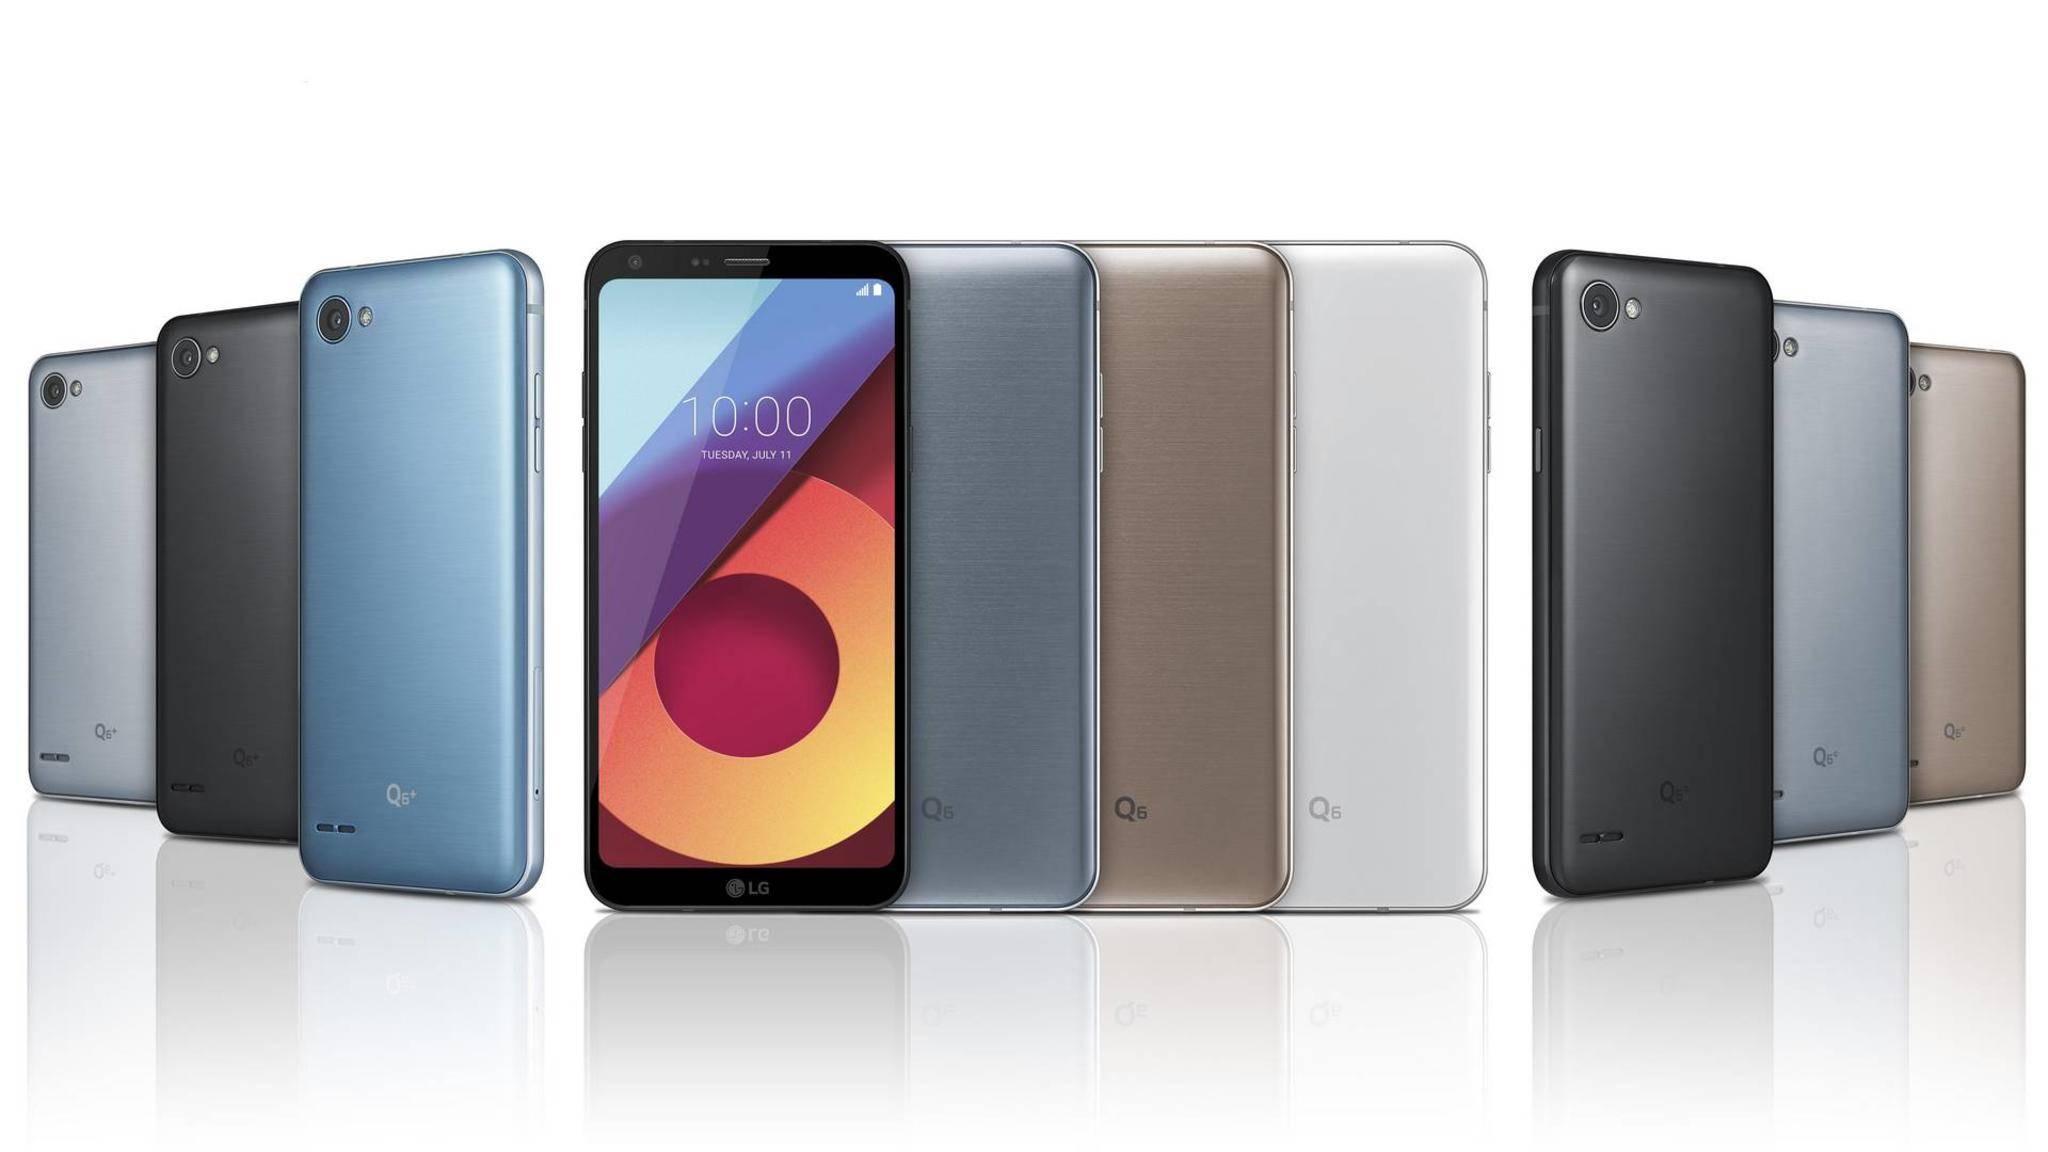 Die neue LG-Q6-Serie bringt randlose Displays in die Mittelklasse.